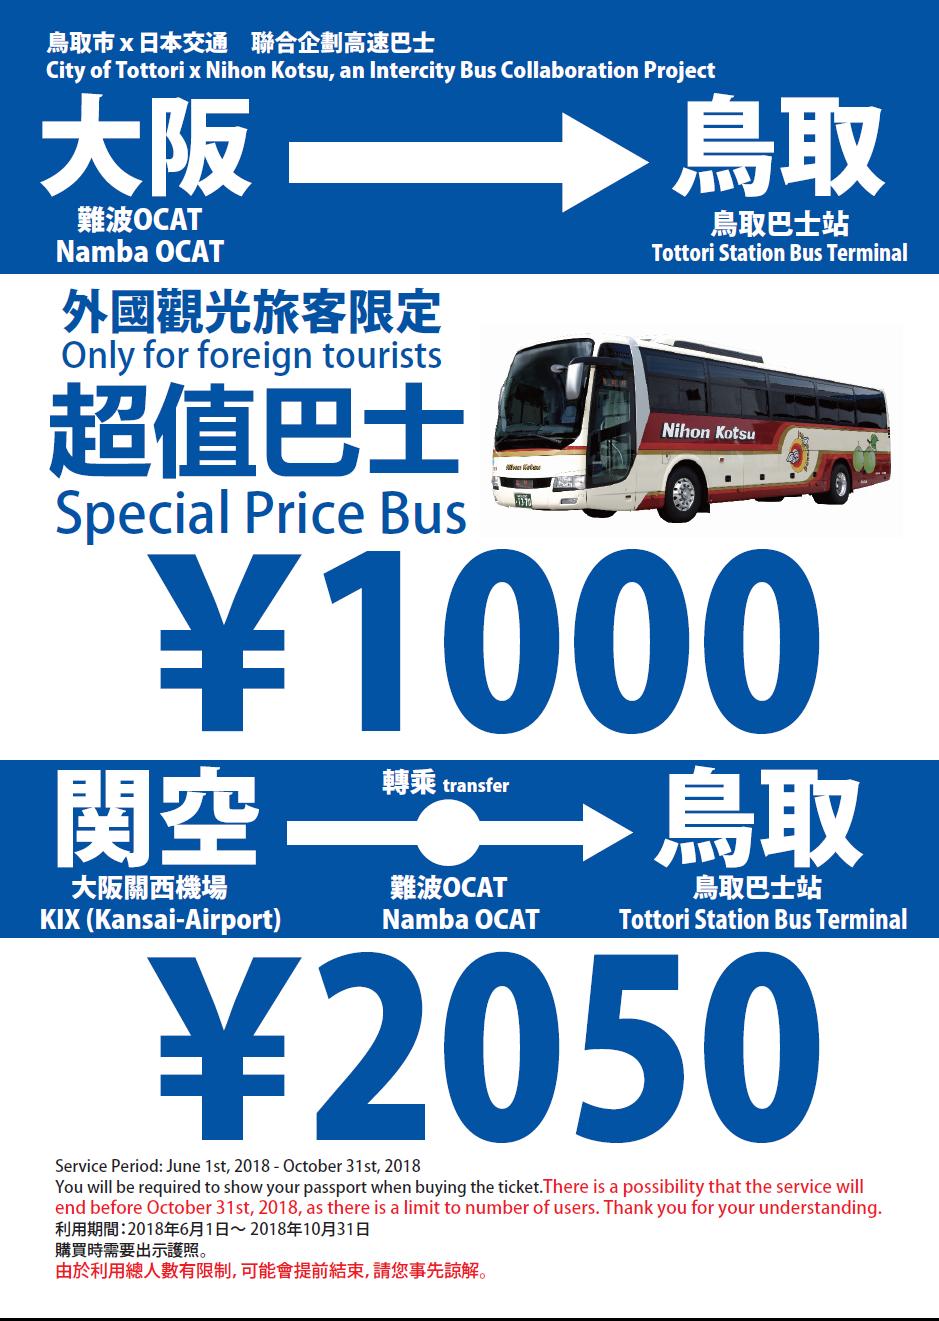 关于鸟取交通(最新更新20190528)